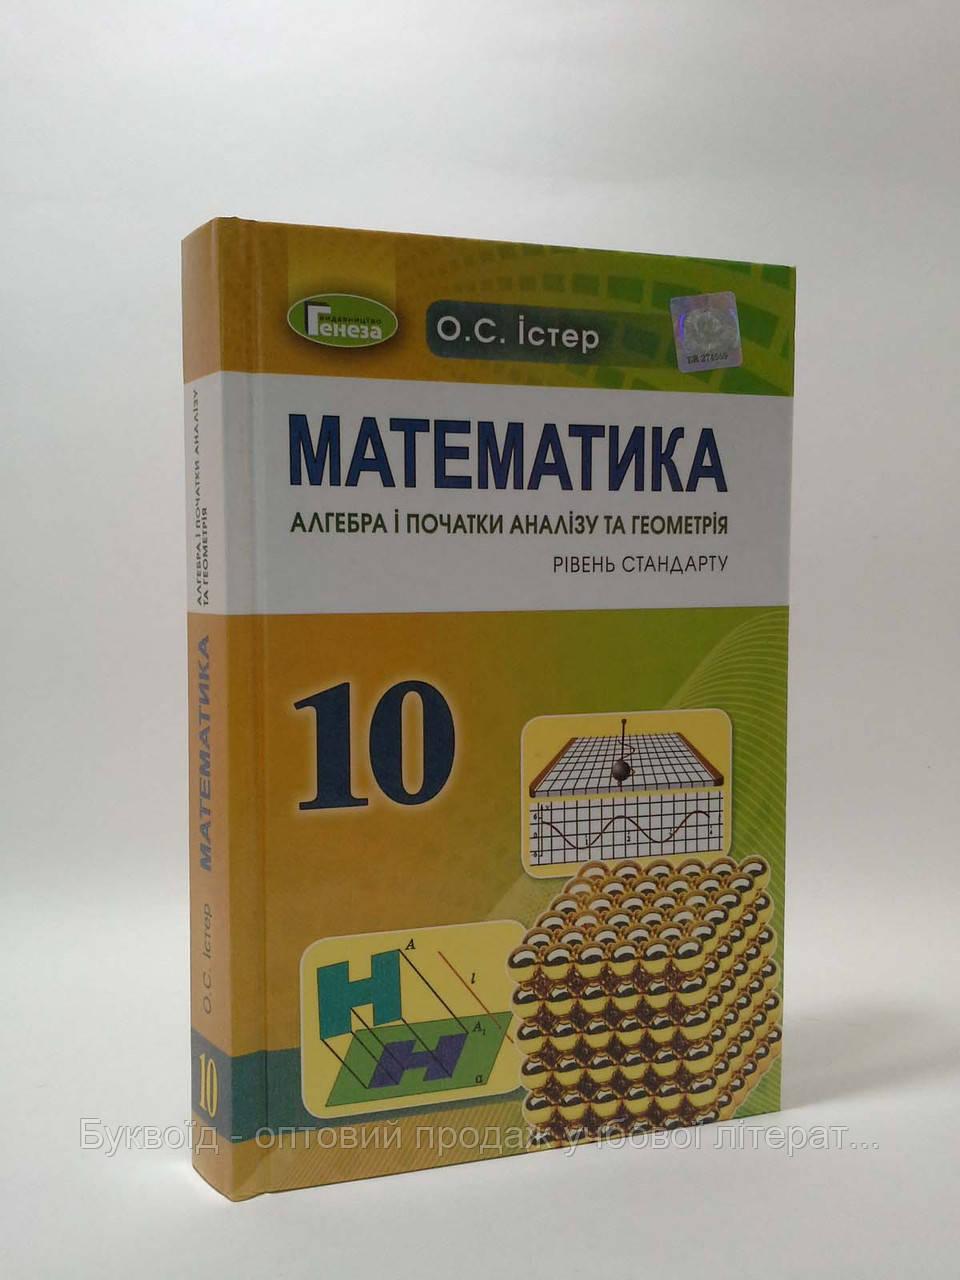 Математика 10 клас Підручник Істер Генеза ISBN 978-966-11-0110-3